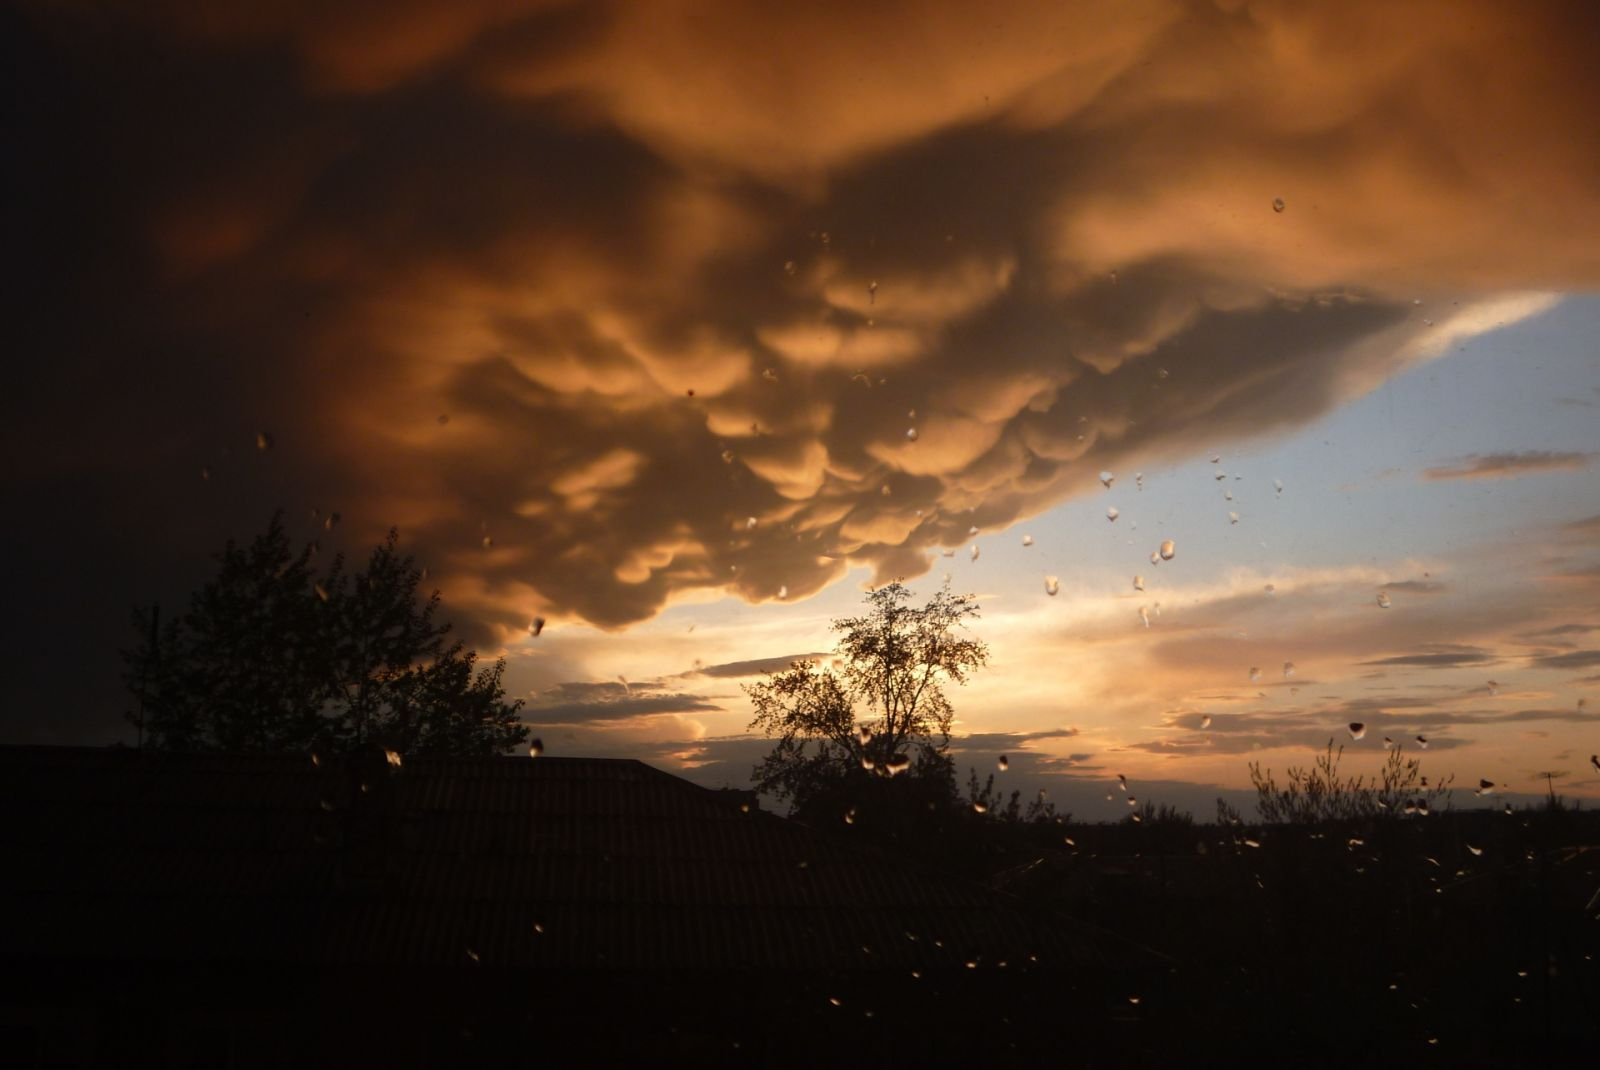 Вид из окна №2  10.05.2012 (~10 вечера)